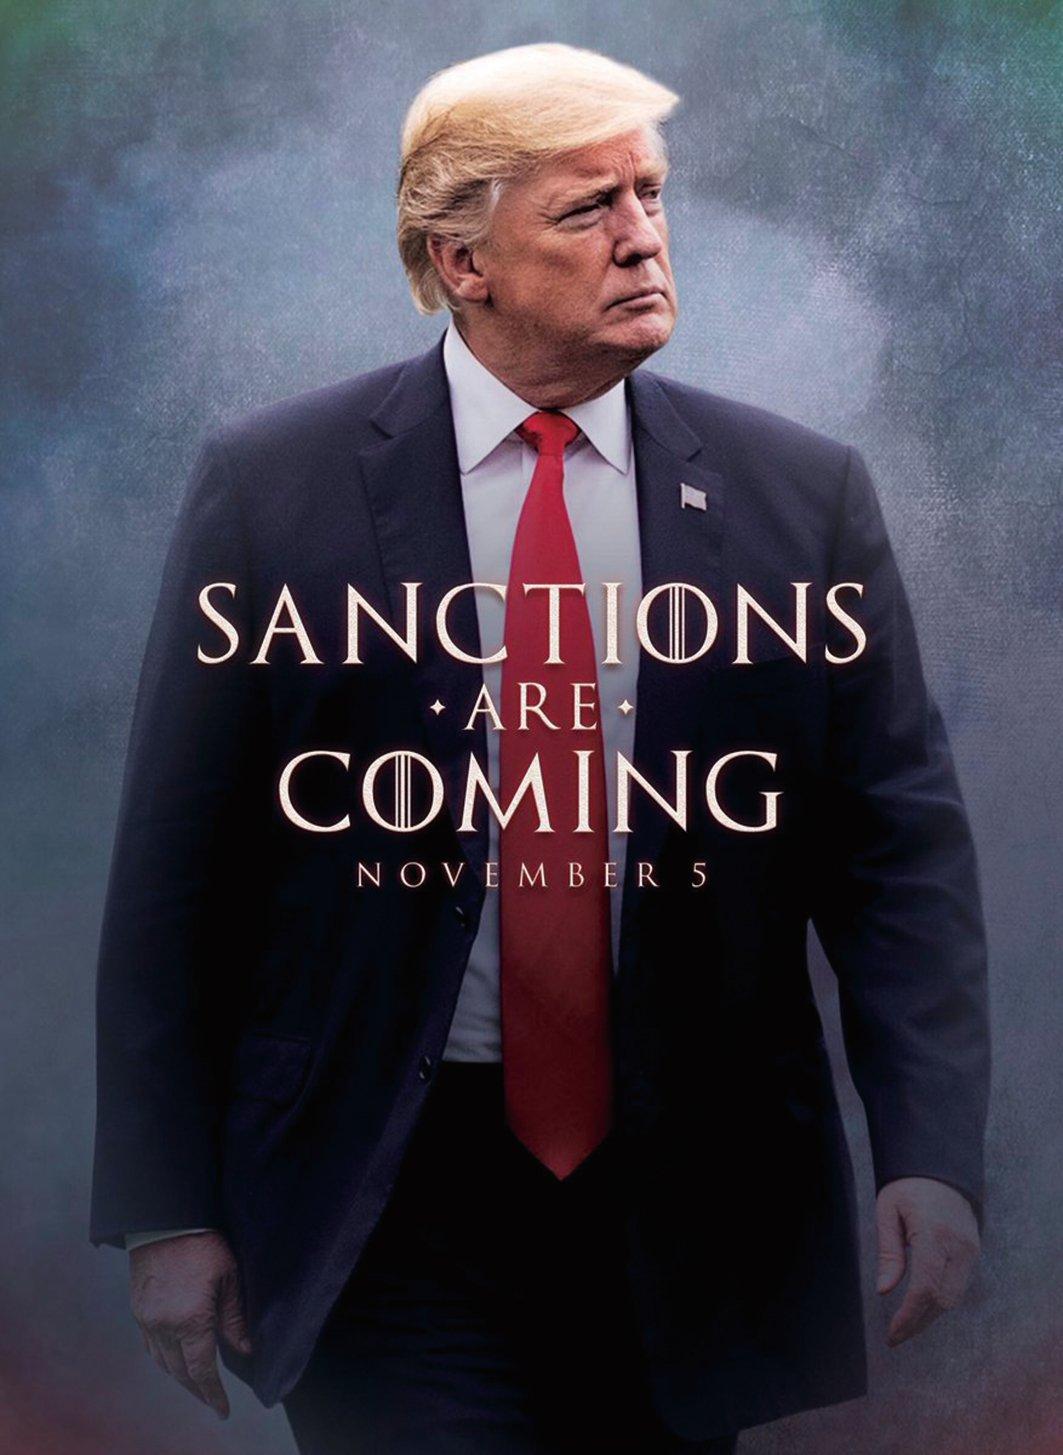 11月5日美國對伊朗實施第二輪制裁,也是歷年來最嚴厲的制裁。(圖片取自特朗普總統推特)